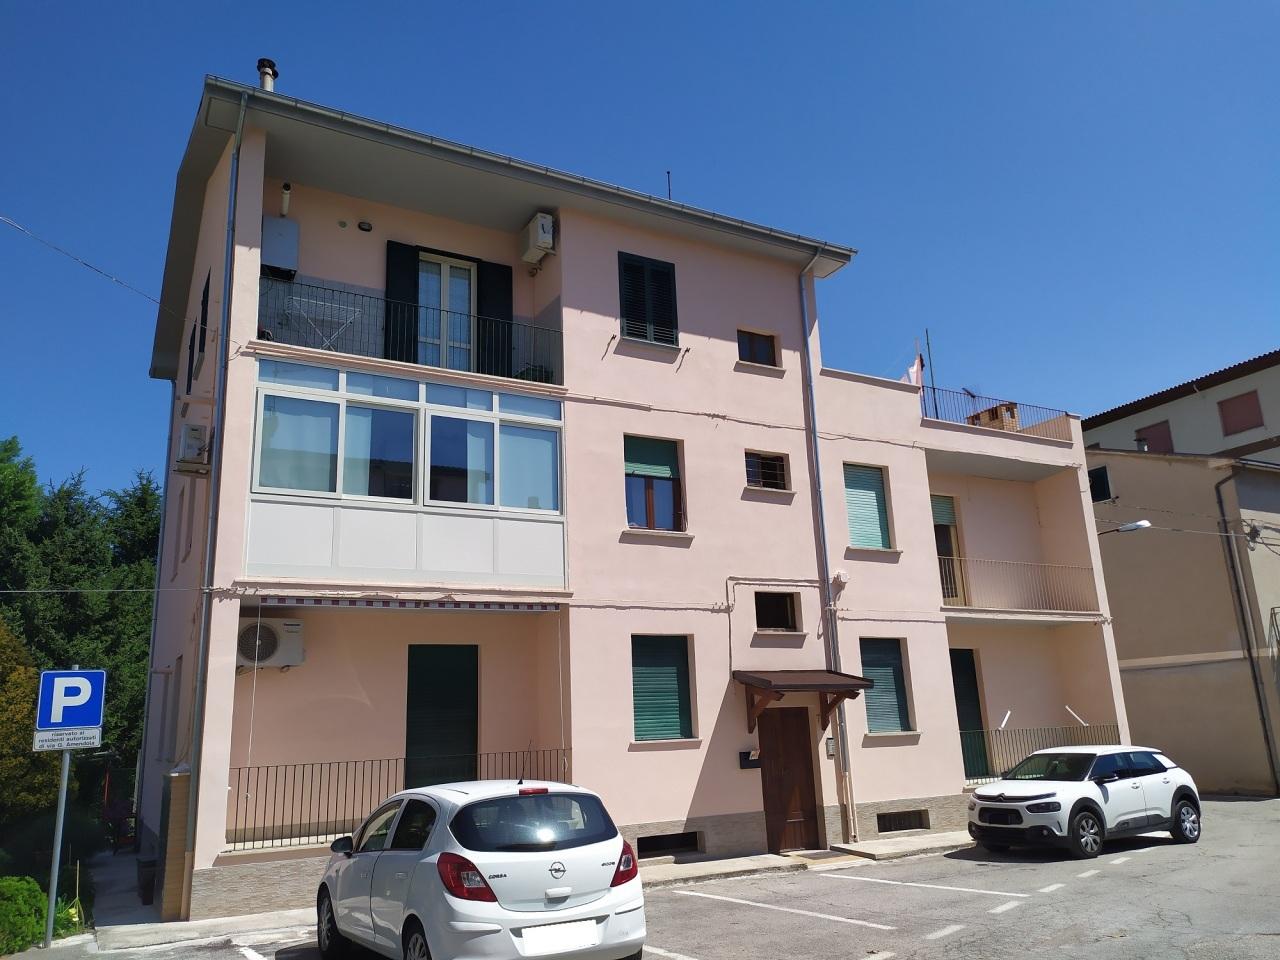 Appartamento in vendita a Scafa, 4 locali, prezzo € 40.000 | PortaleAgenzieImmobiliari.it